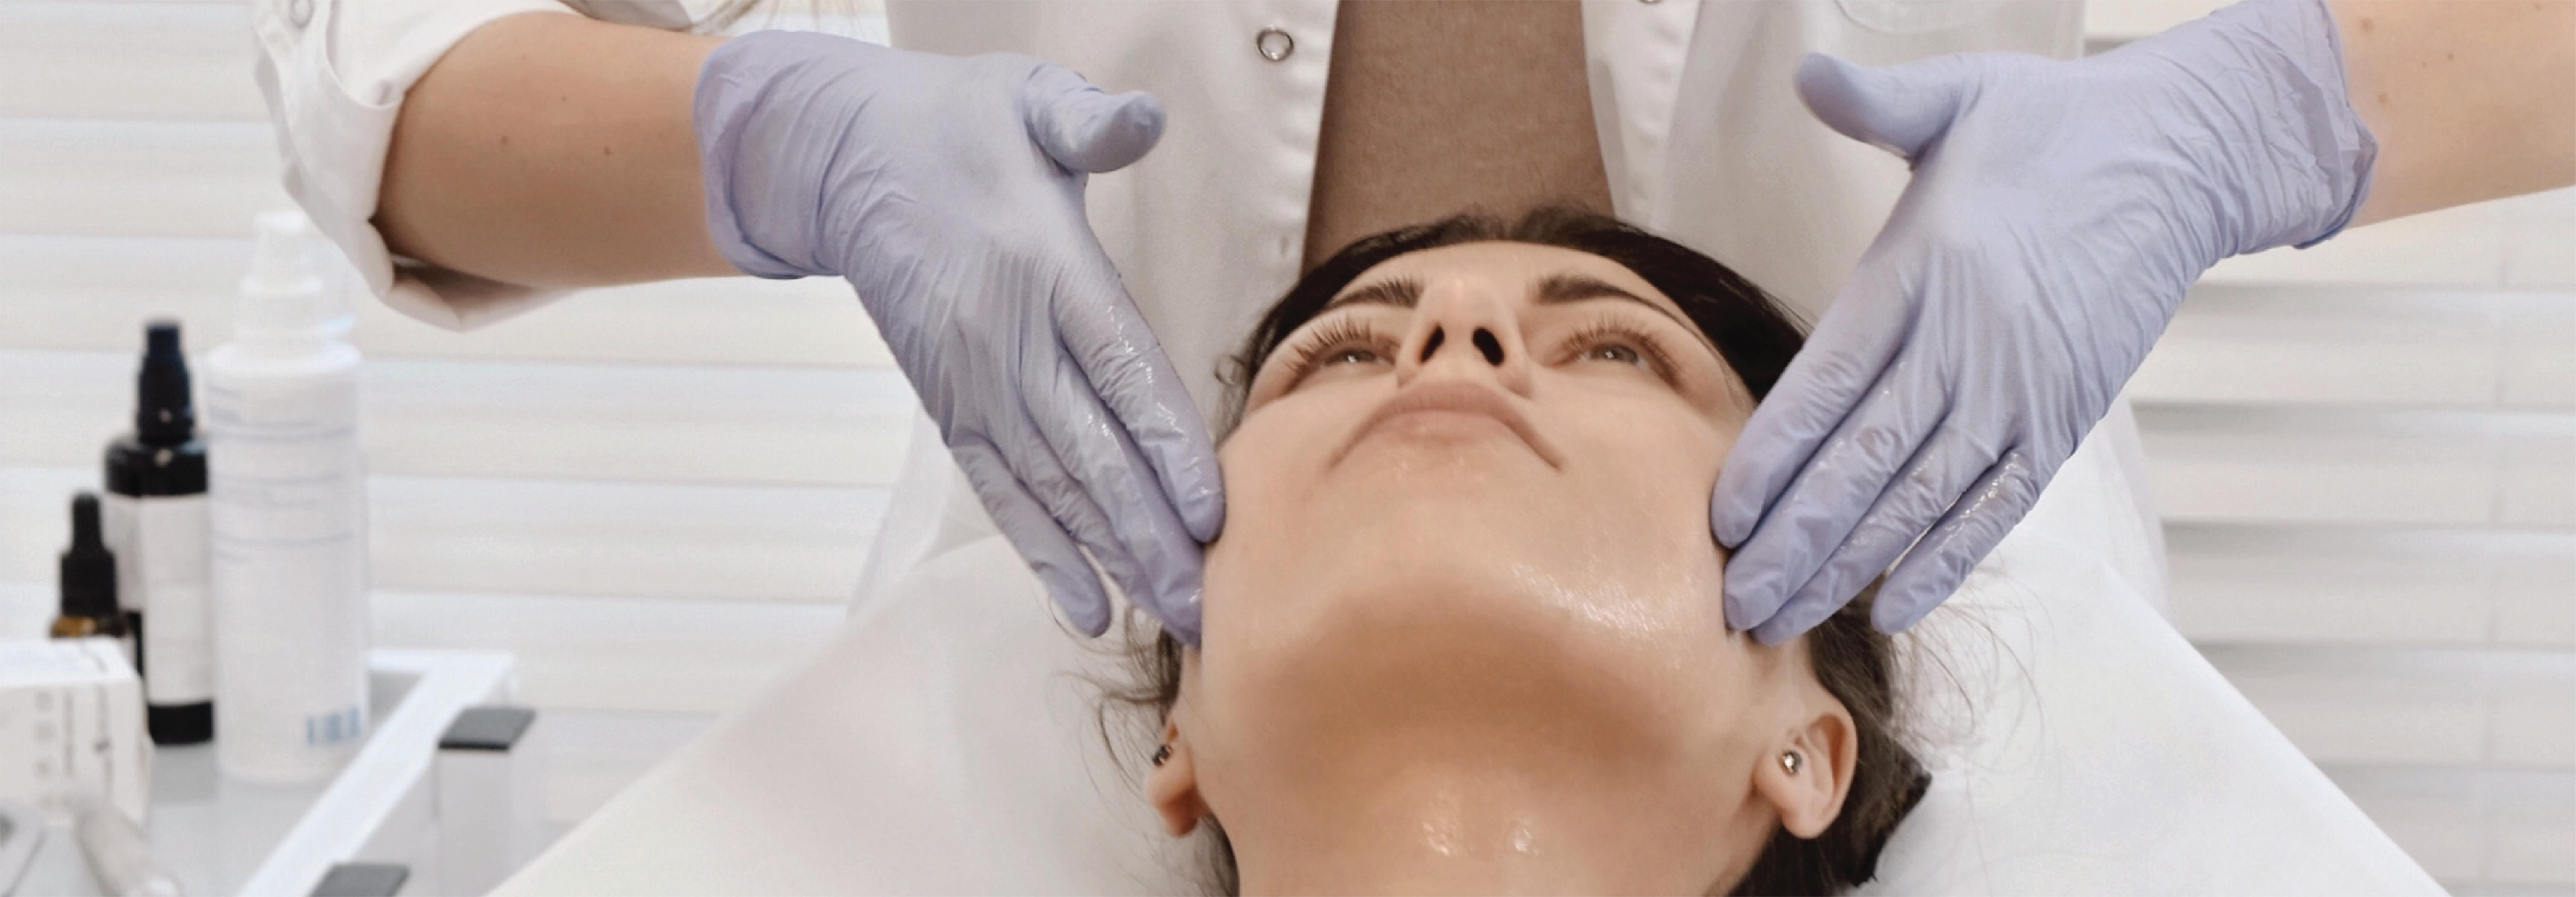 NOON rūgštinis veido odos pilingas